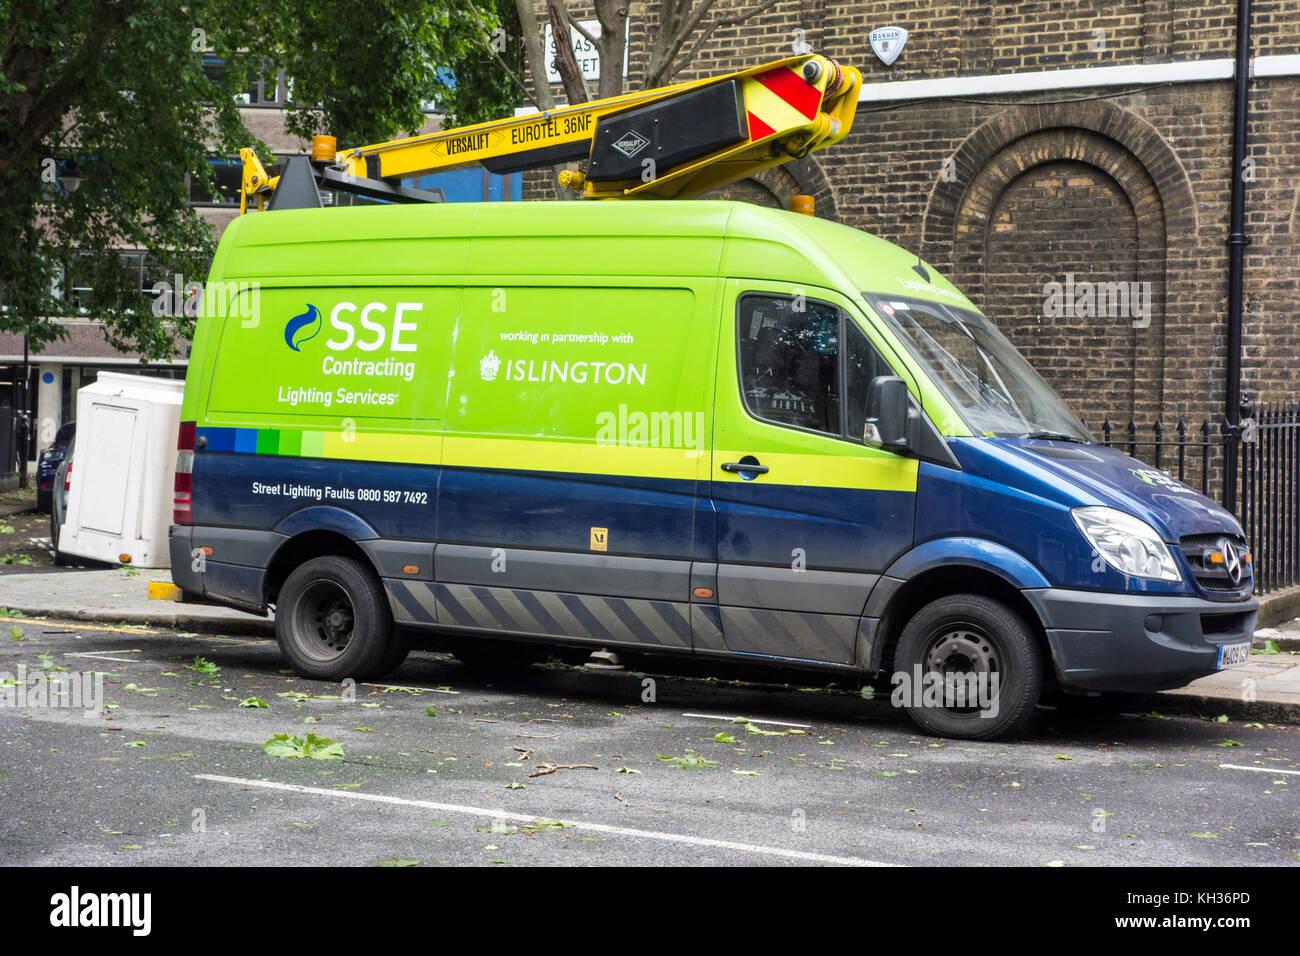 Sse Beleuchtung Dienstleistungen in Islington an einem windigen Tag mit Blätter auf dem Boden, London, UK Stockbild